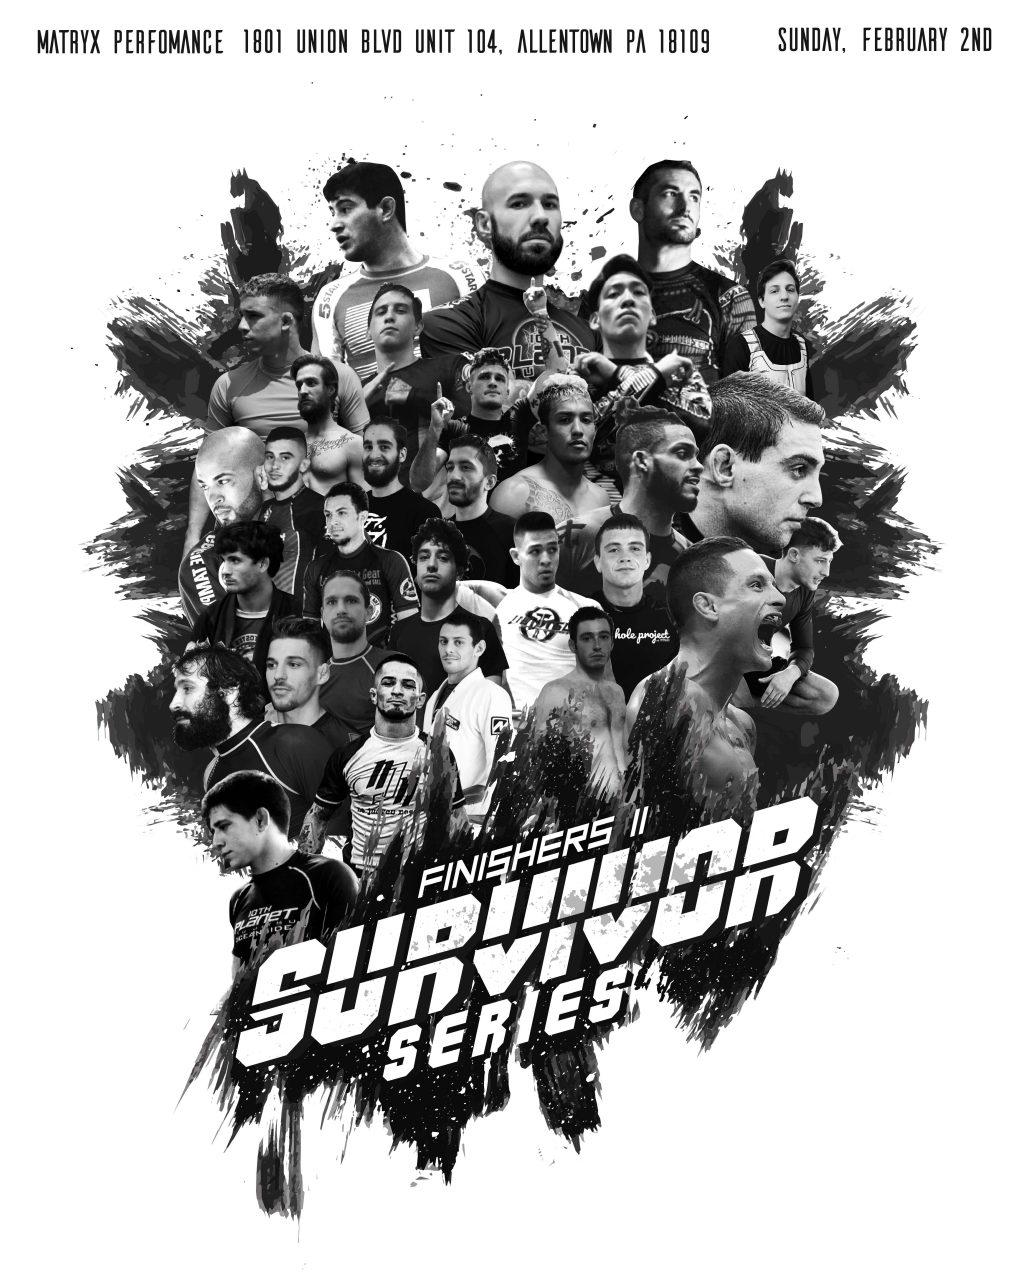 Finishers 11, Survivor Series